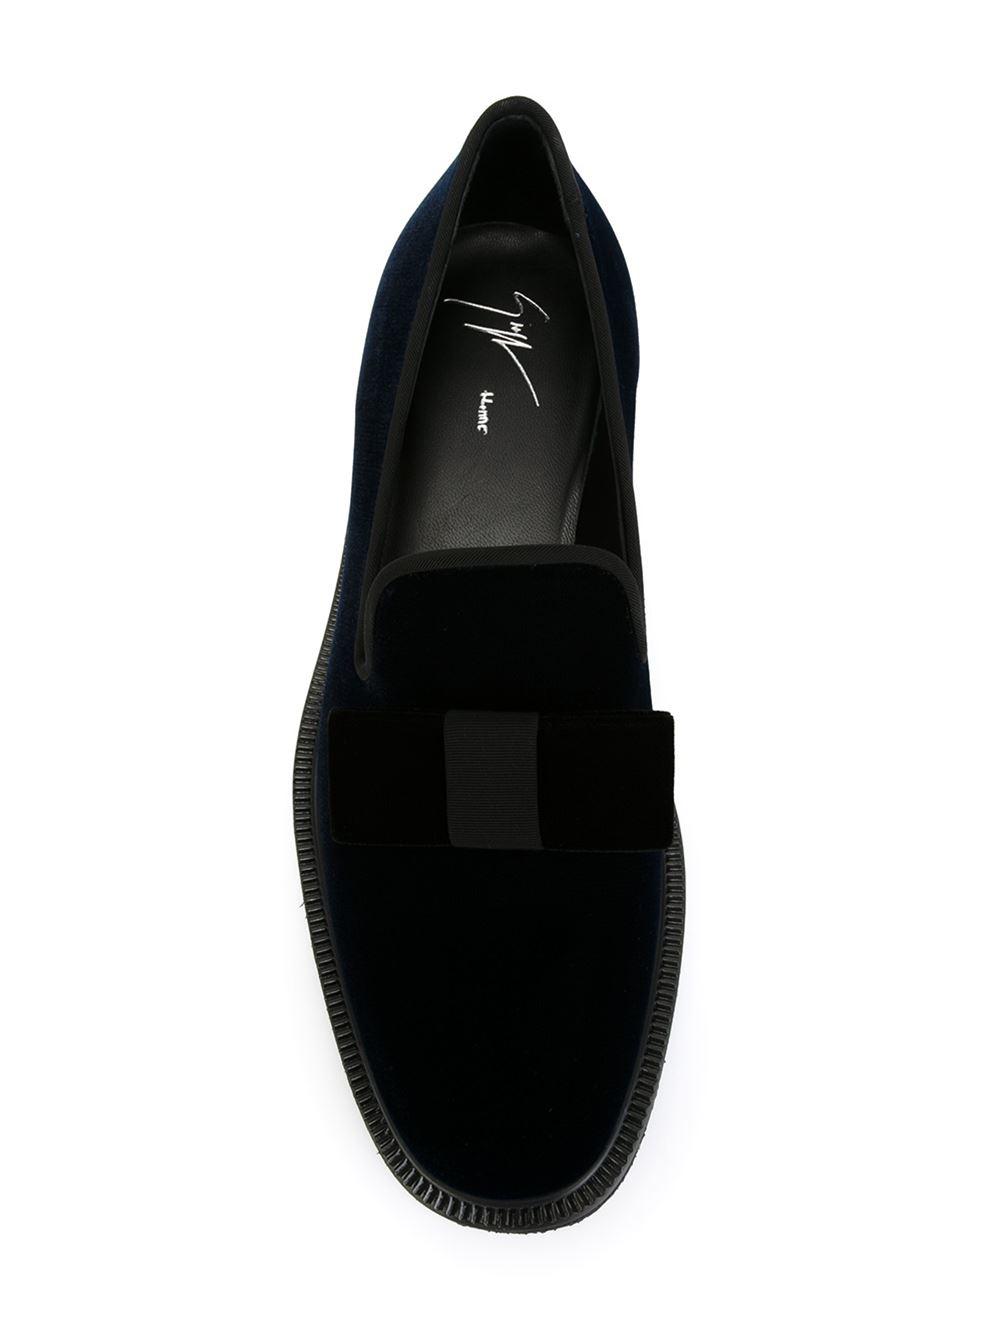 98d14f590970e Giuseppe Zanotti Velvet Bow Slippers in Blue for Men - Lyst